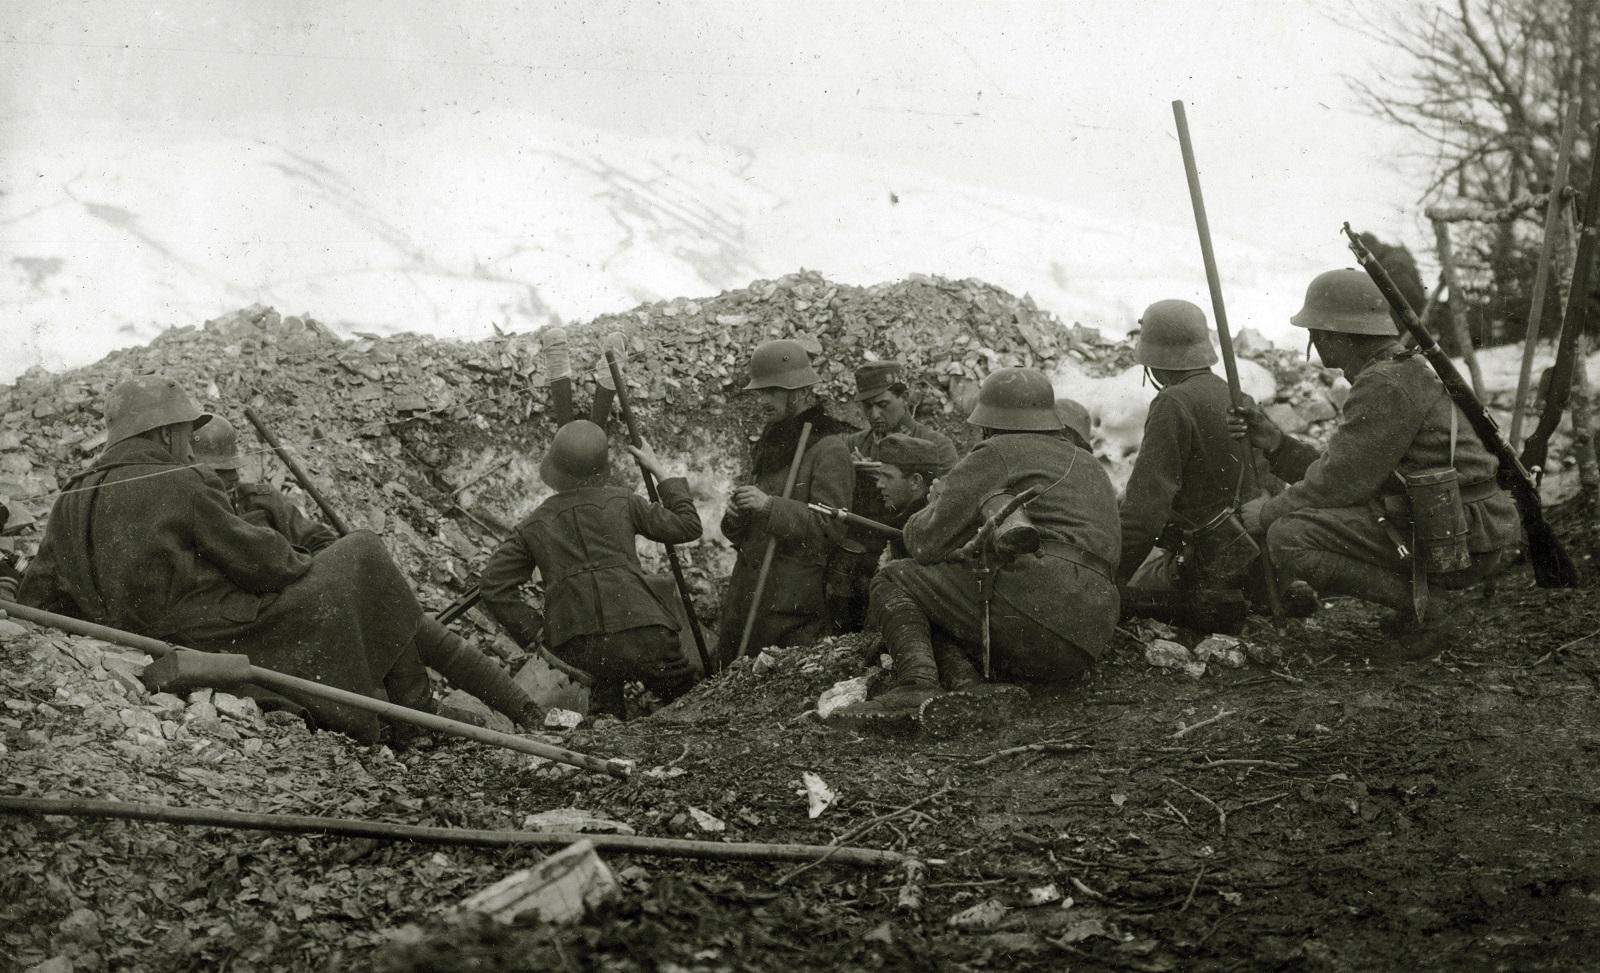 Картинки по запросу второй мировой война фото водоносец